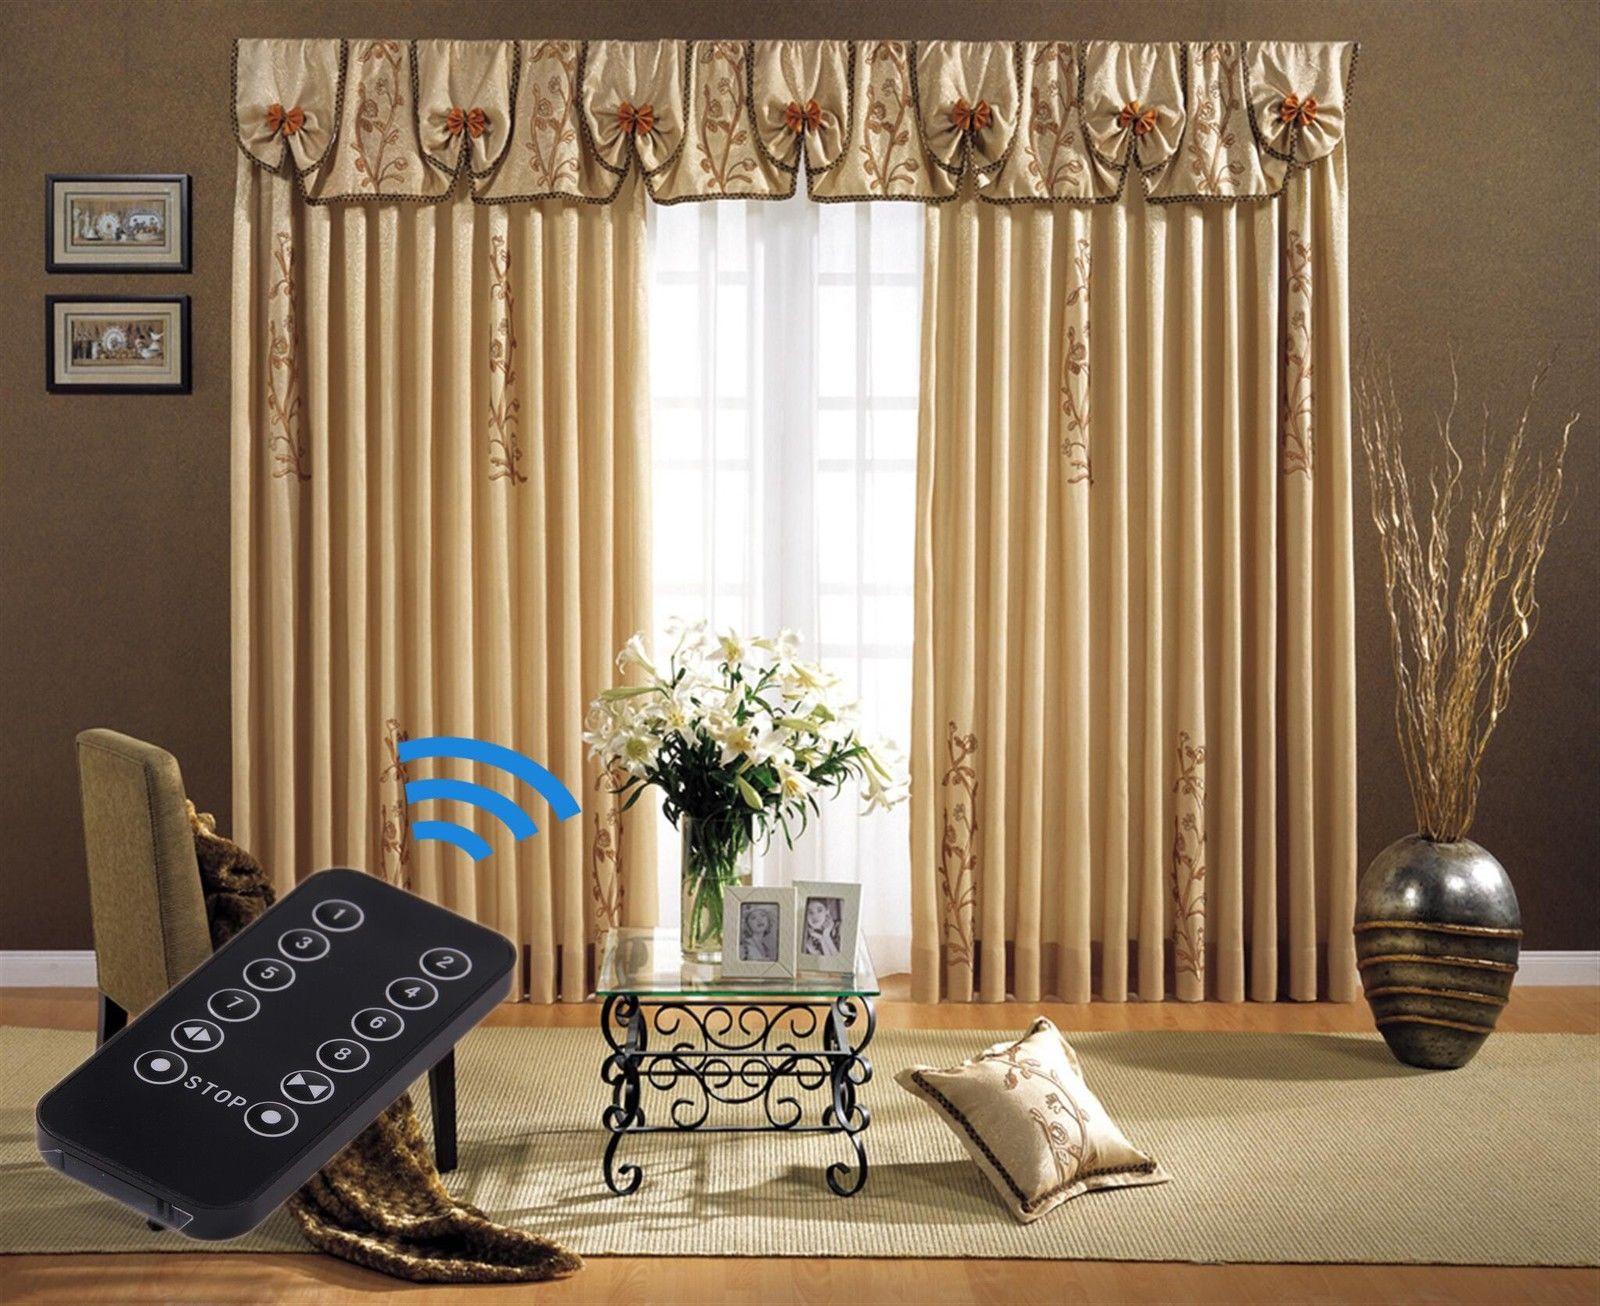 White House Carpet And Curtains Dubai Home The Honoroak